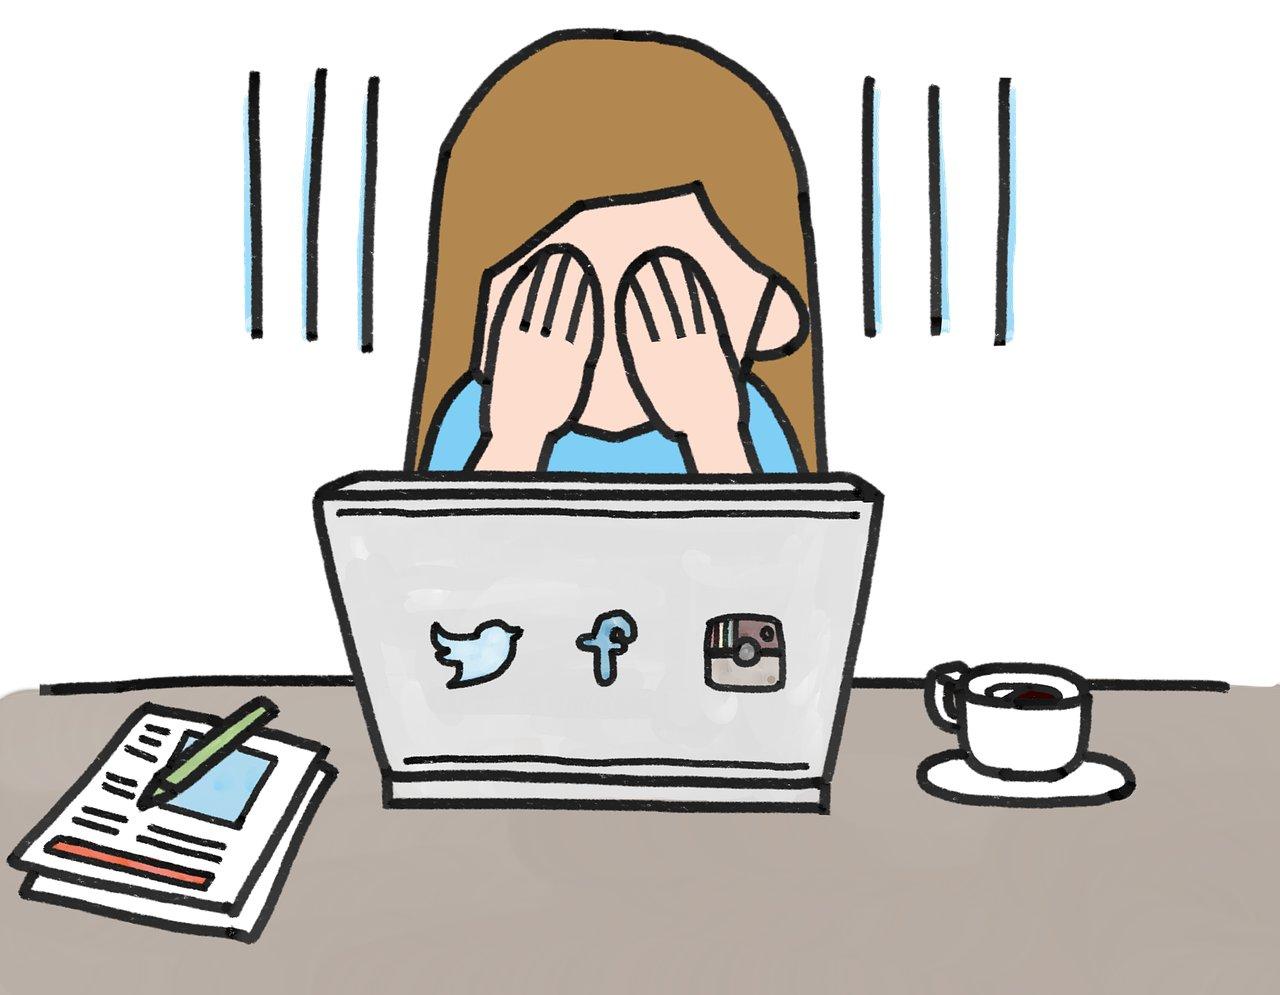 Die Nutzung sozialer Medien ist nicht uneingeschränkt erfreulich.